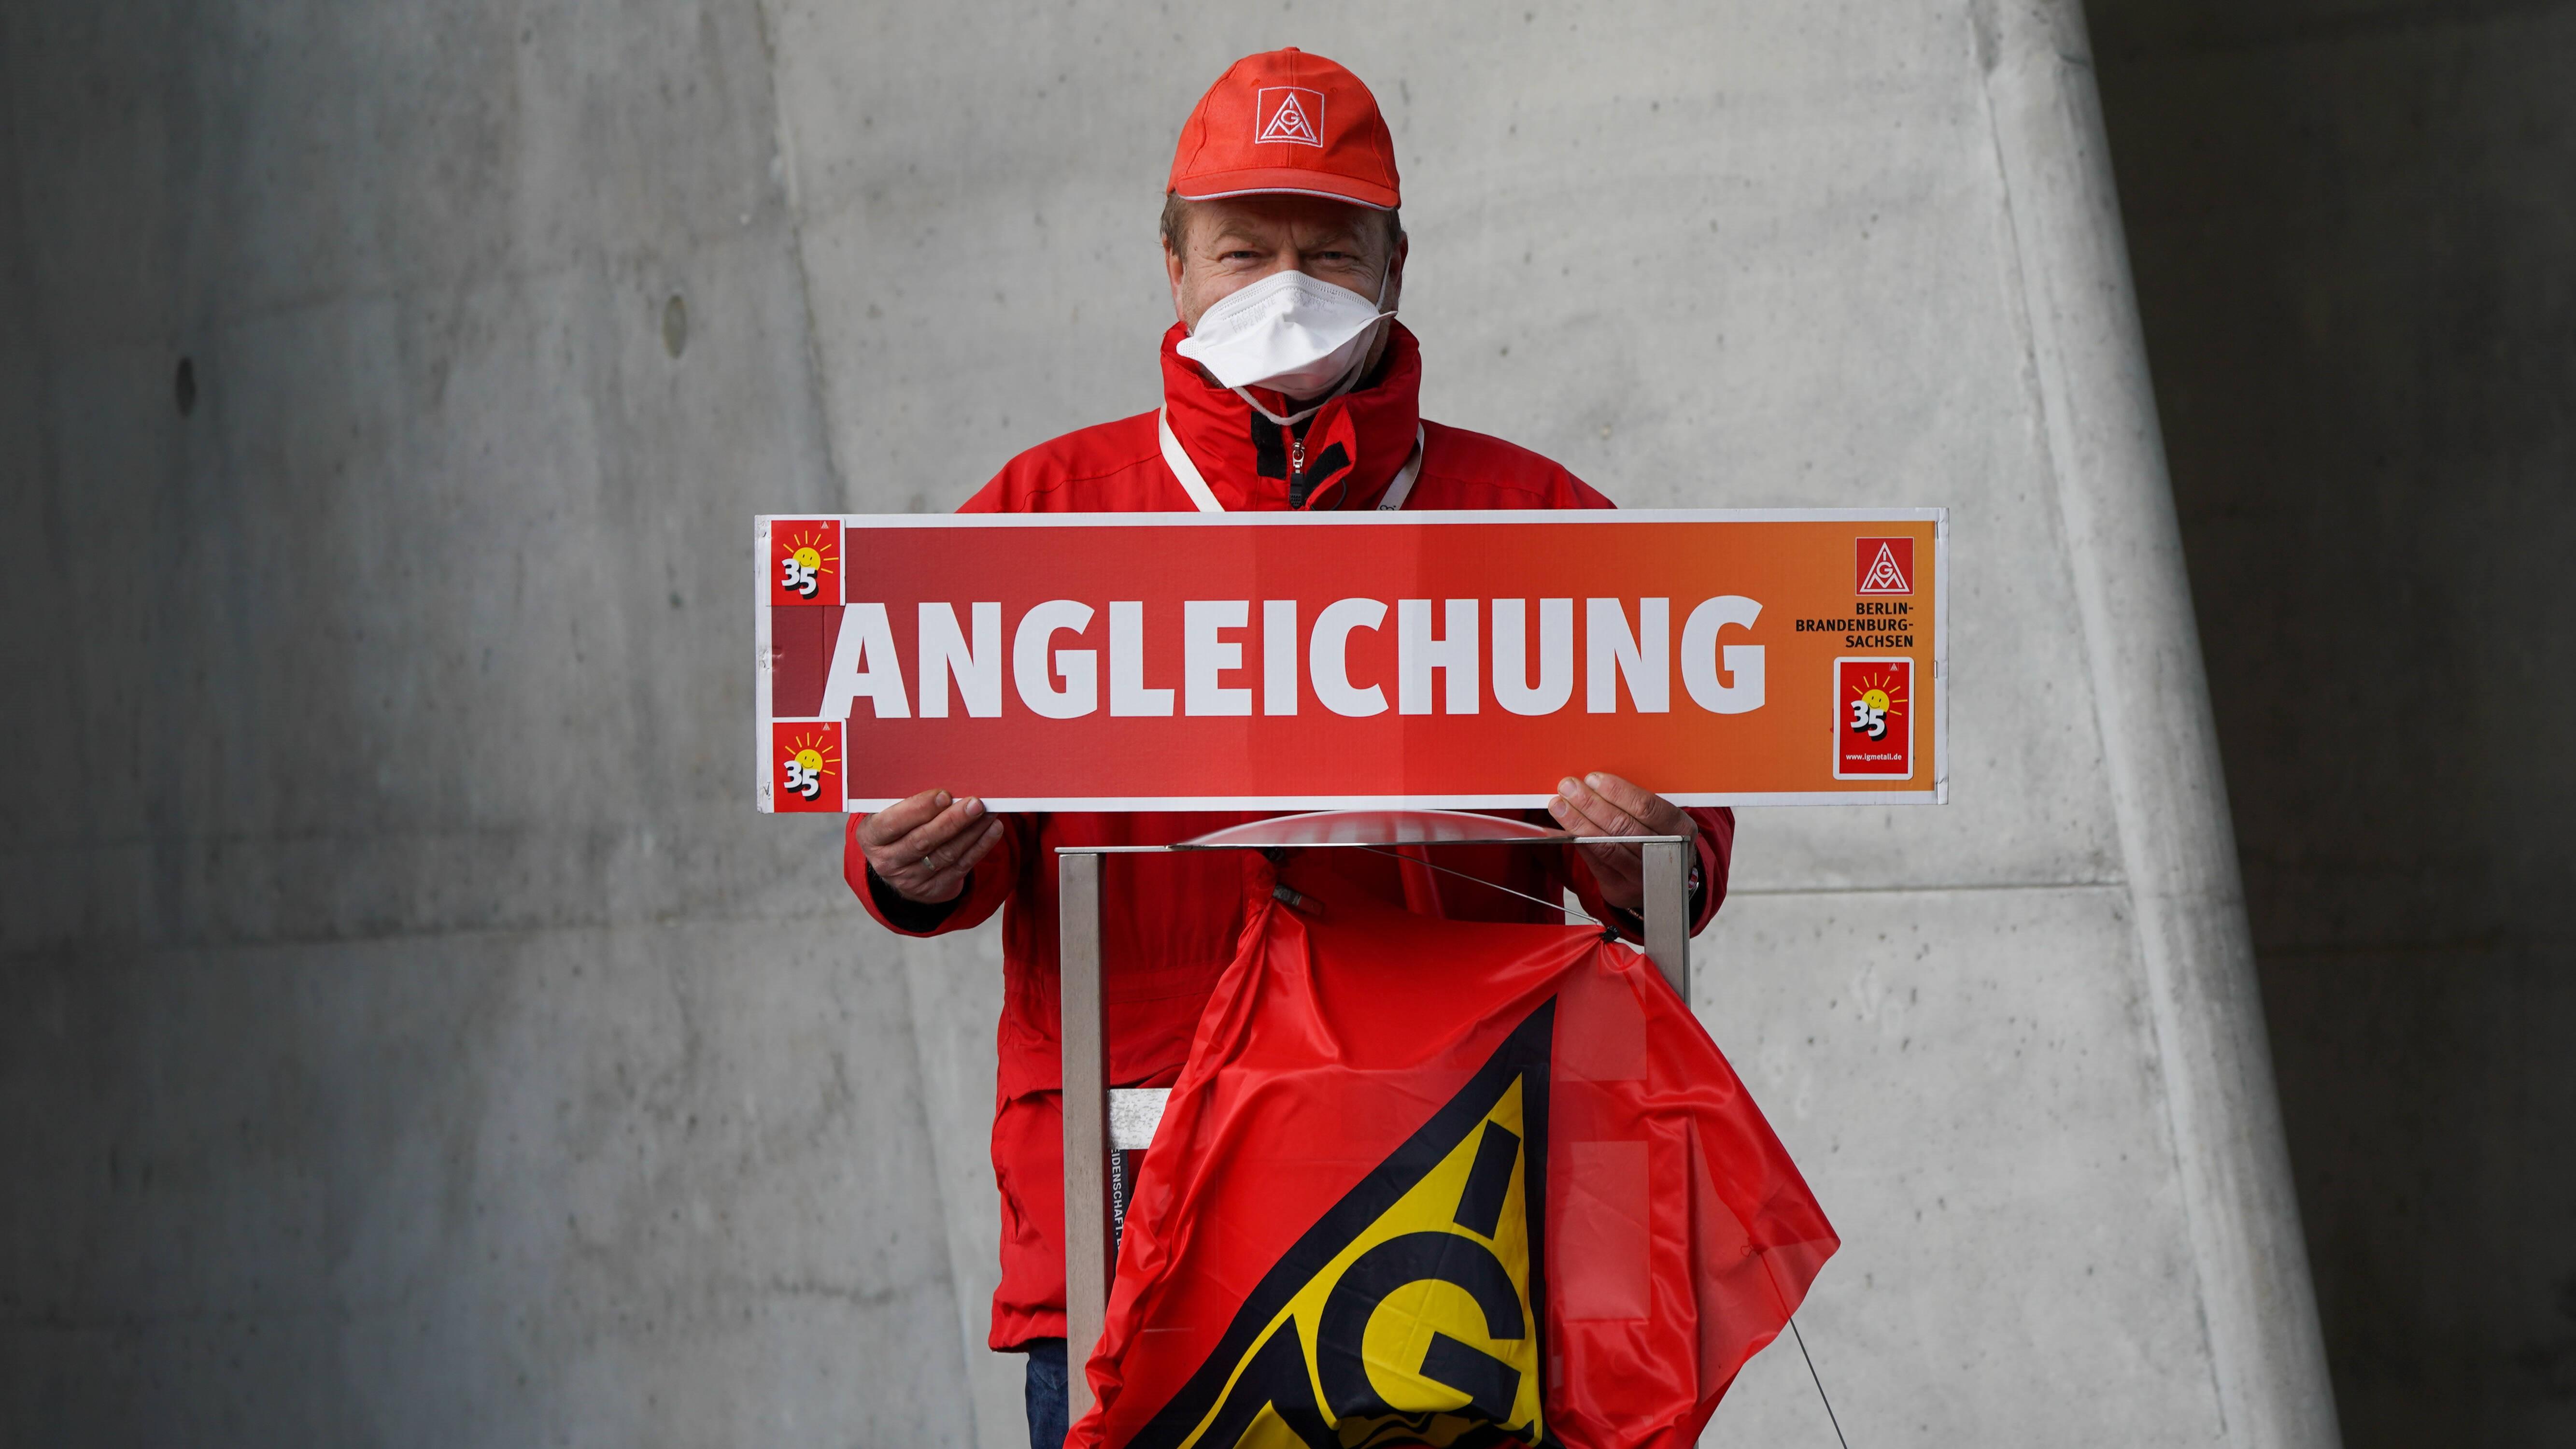 """Ein unbekannter IG-Metall-Aktivist hält ein Schild hoch mit der Forderung """"Angleichung"""""""